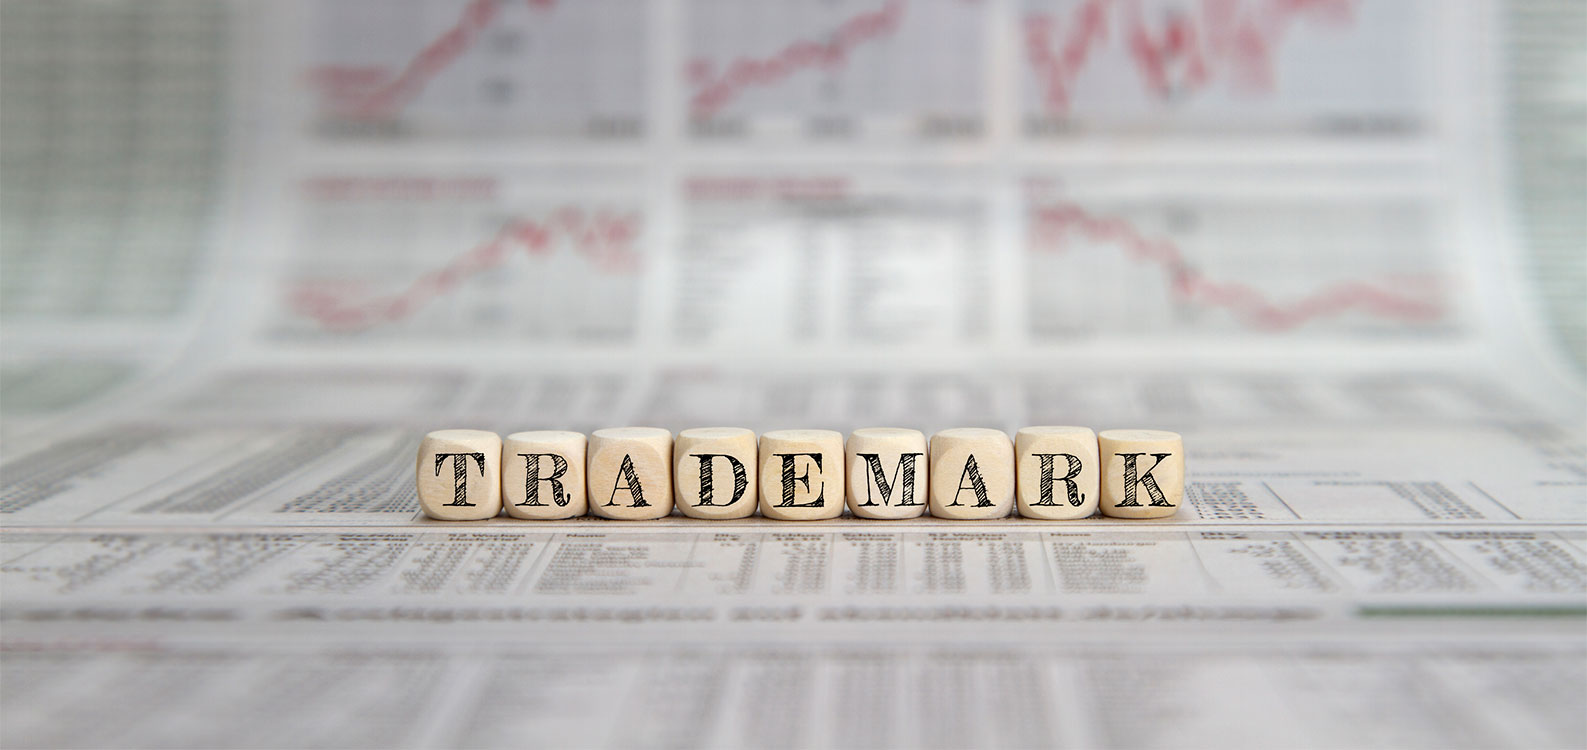 TrademarkLaw3